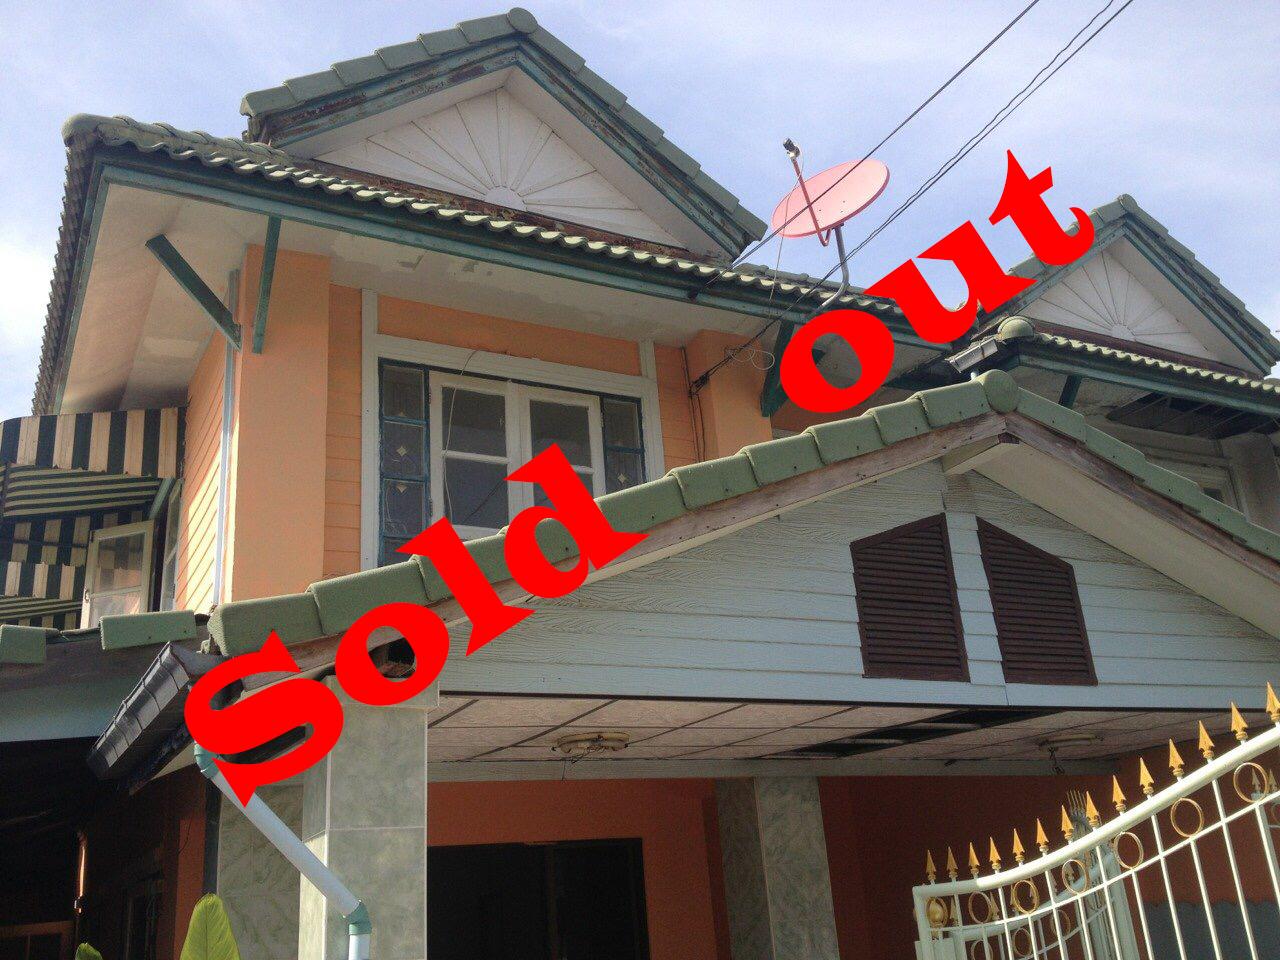 หมู่บ้านพฤกษา14A ทาวน์เฮาส์ 2ชั้น (ห้องริม) 3ห้องนอน 2ห้องน้ำ พื้นที่กว้างมากถึง 45 ตารางวา ปรับปรุงใหม่พร้อมอยู่ กู้100% สนใจดูภายในบ้านนัดล่วงหน้า 1วัน โทร 099-197-5335 ( คุณไทย ) ให้คำแนะนำสินเชื่อ ตลอดการโอนกรรมสิทธิ์ ณ กรมที่ดิน